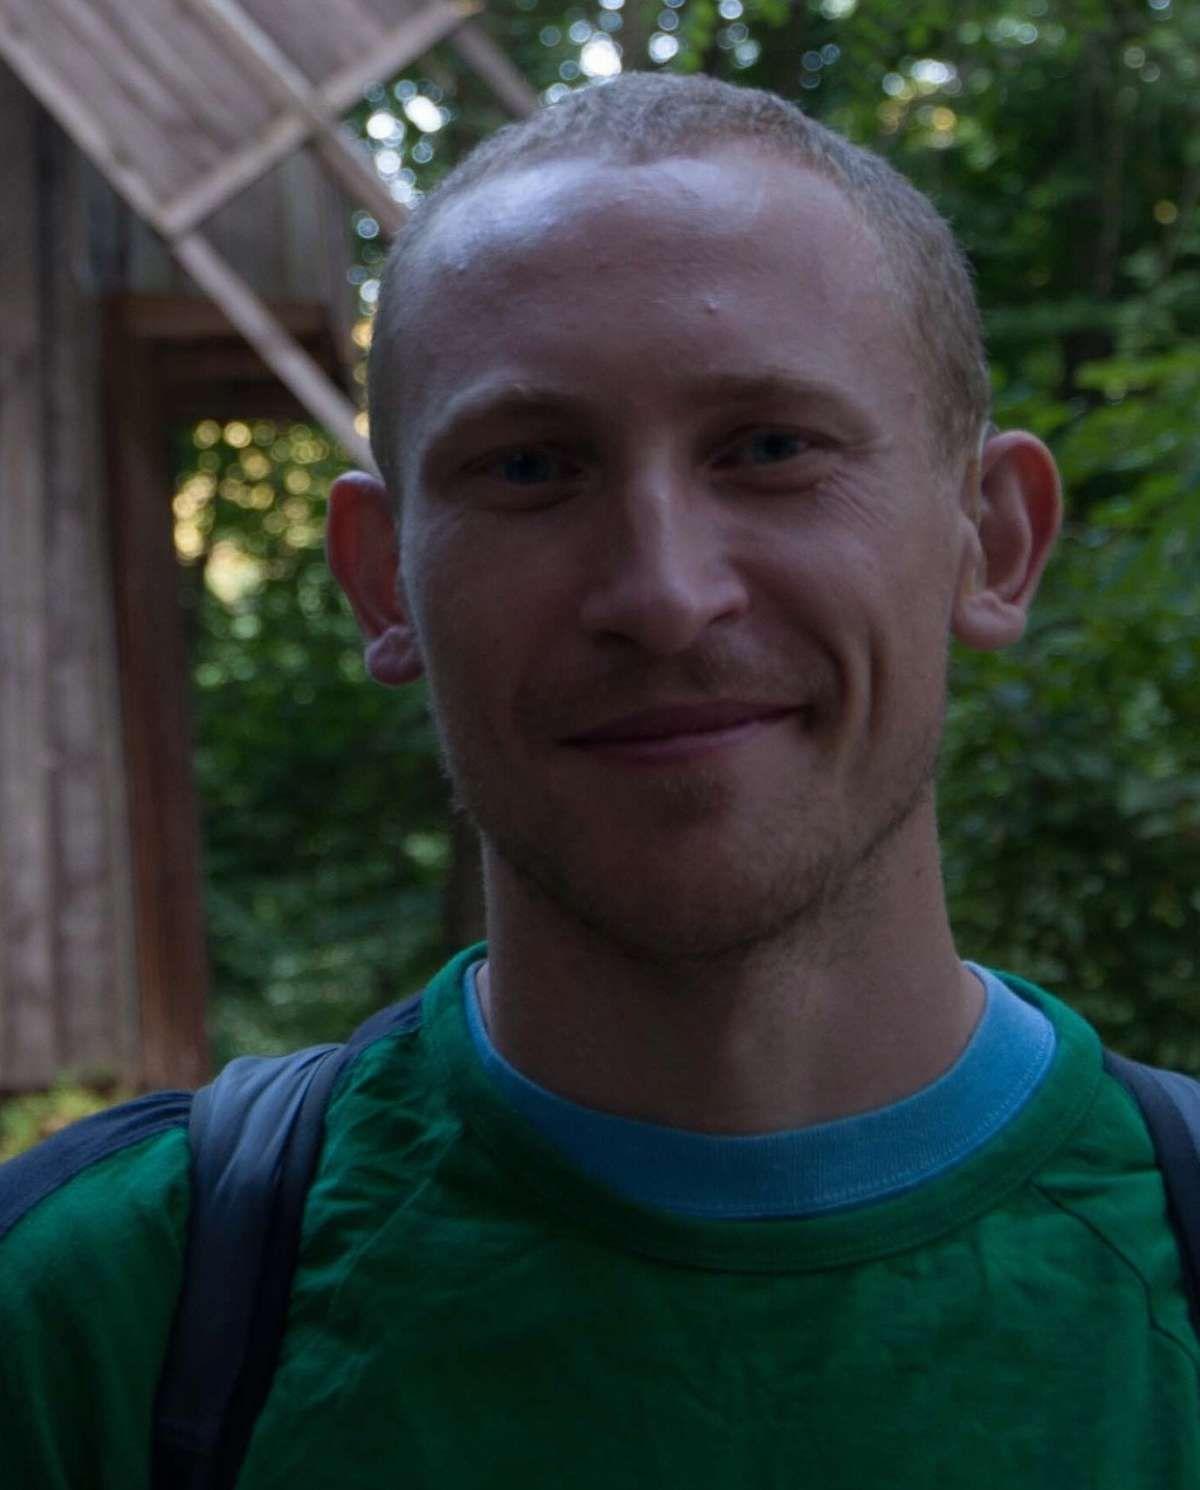 Парень хочет познакомиться с парнем в новосибирске через сколько времени после знакомства можно жениться